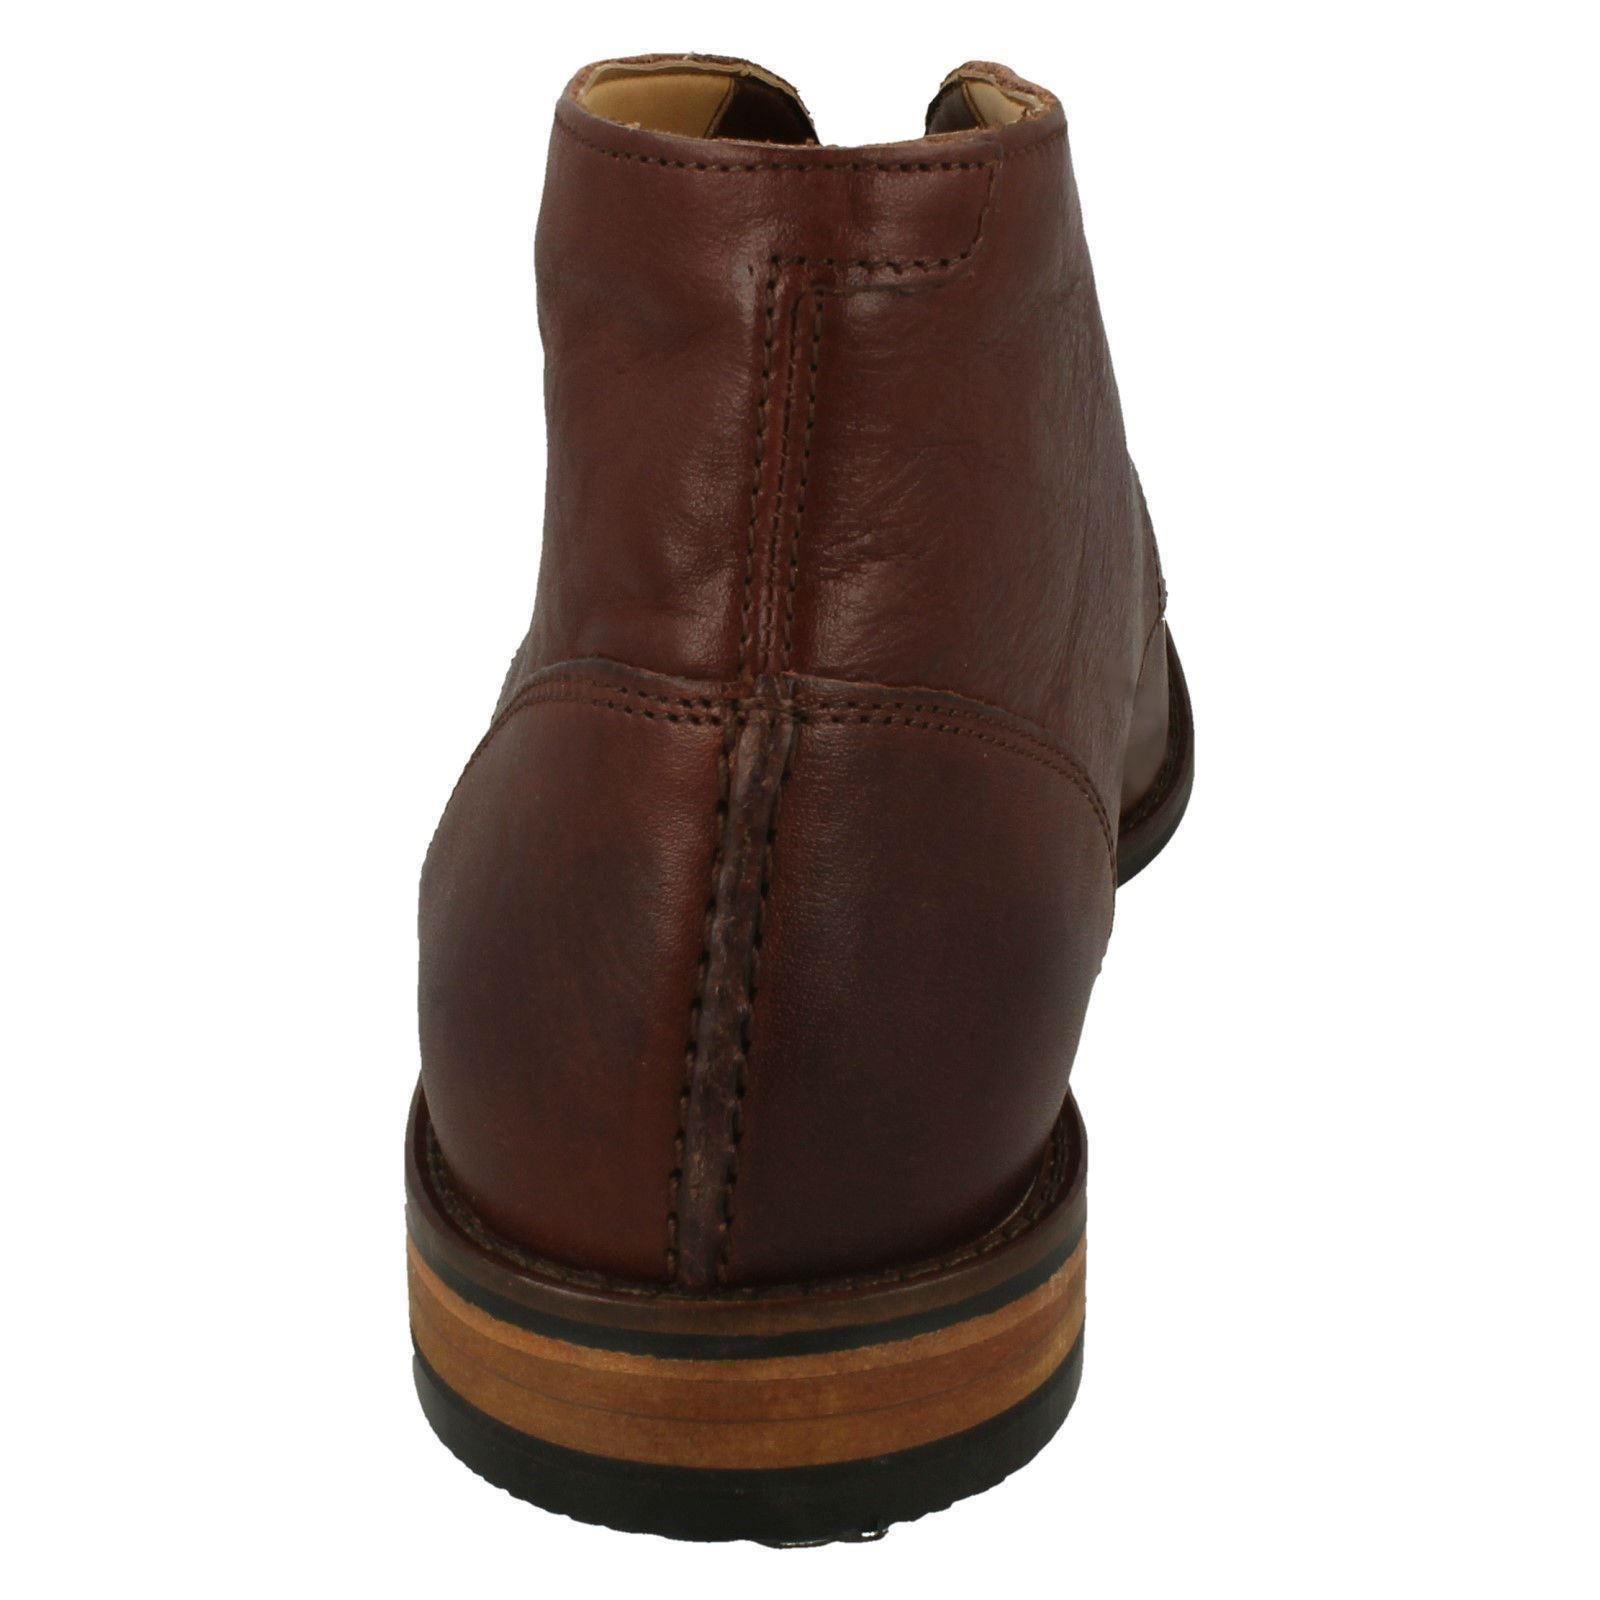 con con y cuero Flow redondeada British Botas Top cordones de Clarks para Tan brown punta cordones con hombre fv5qw5PxE